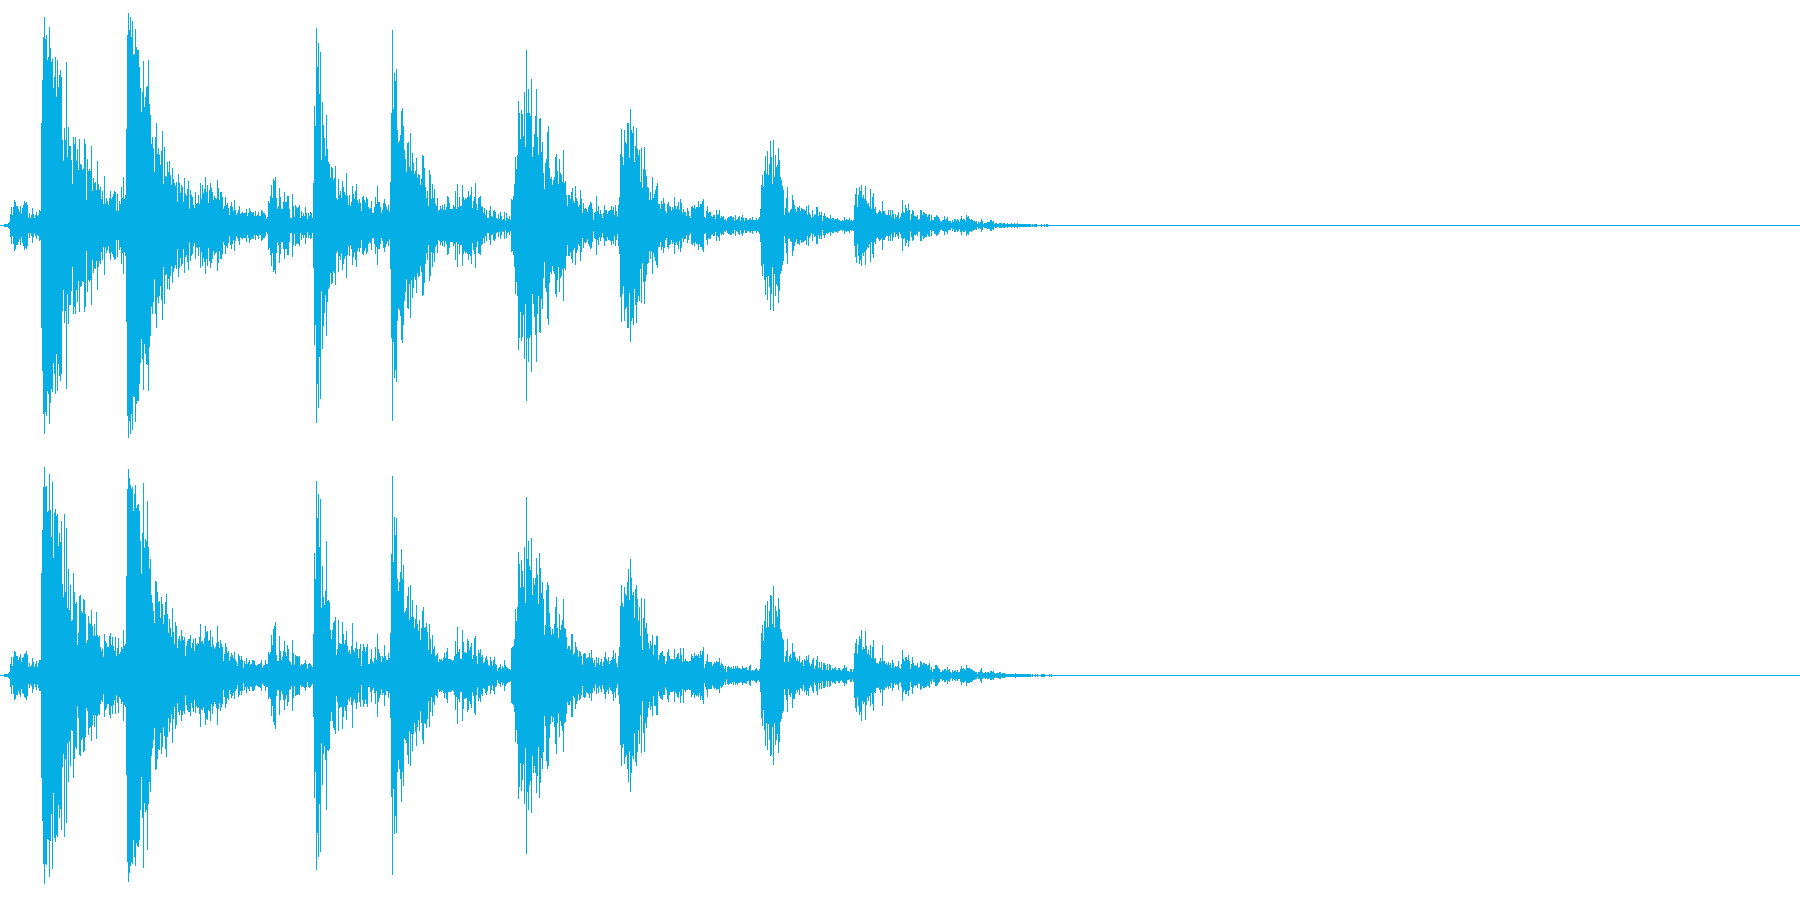 [生音]カシャッ、銃弾を装填する音06の再生済みの波形